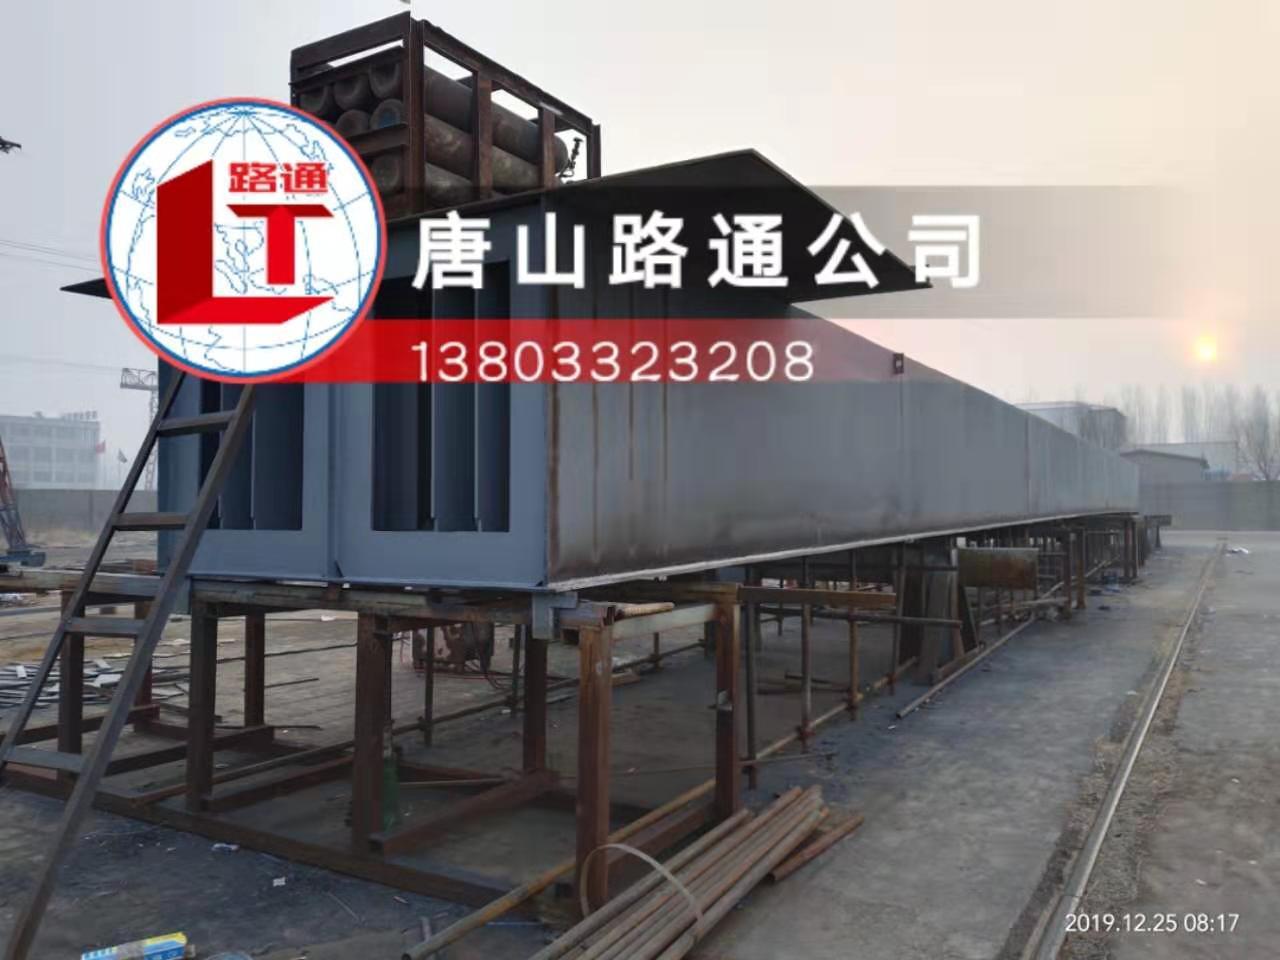 北京良乡大学城钢箱梁制作;钢箱梁加工;钢结构制作